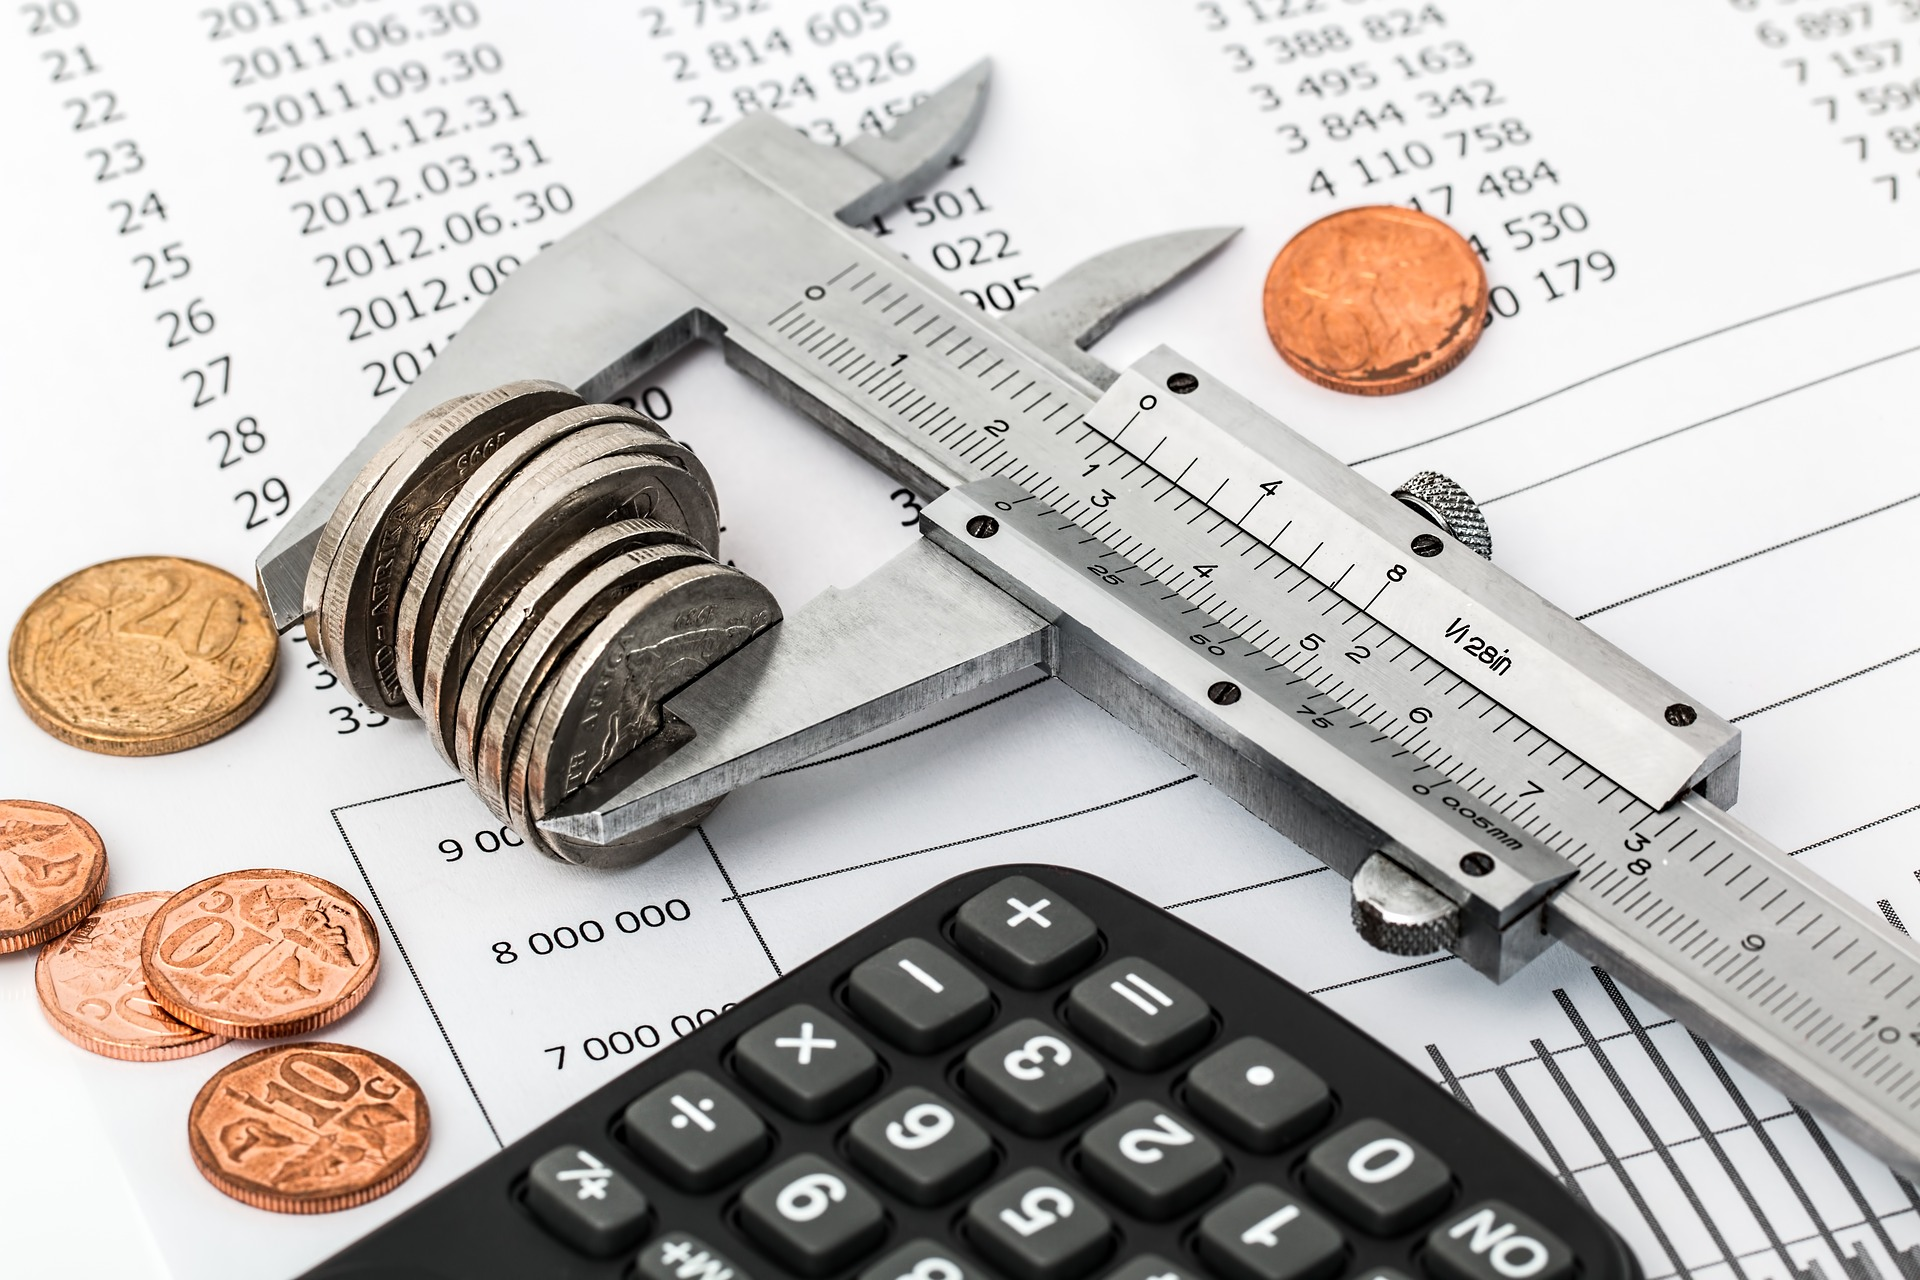 EXLIBRA - Rejestracja VAT – krok po kroku. Jak wypełnić formularz VAT-R?